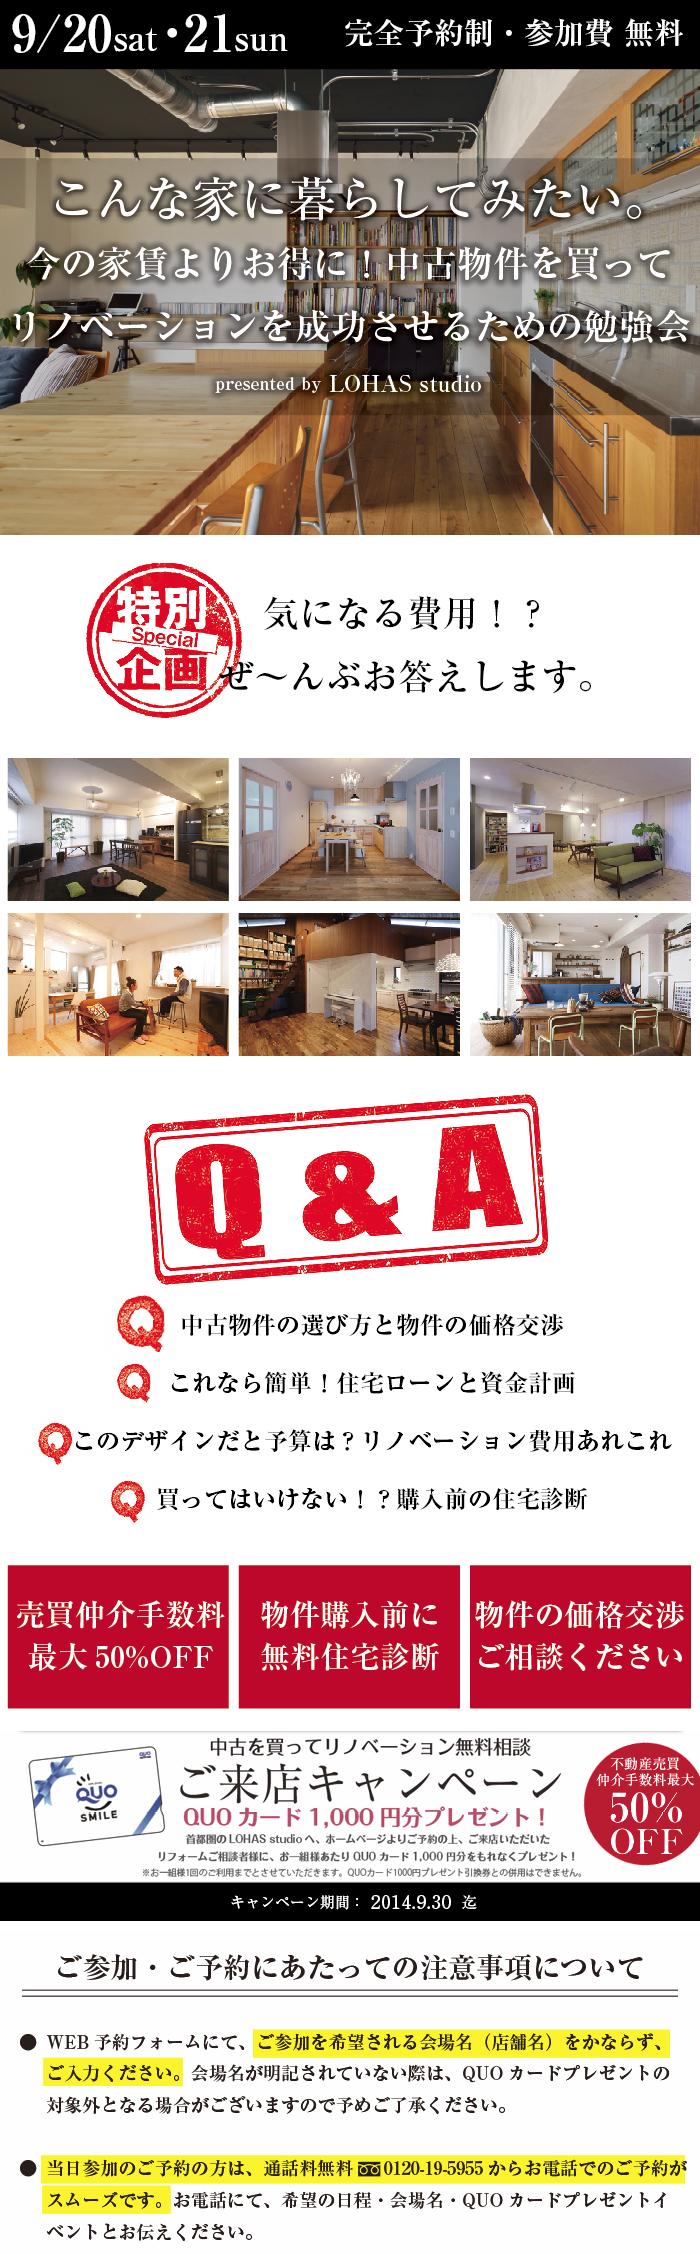 201409yoyaku_event20-21.png